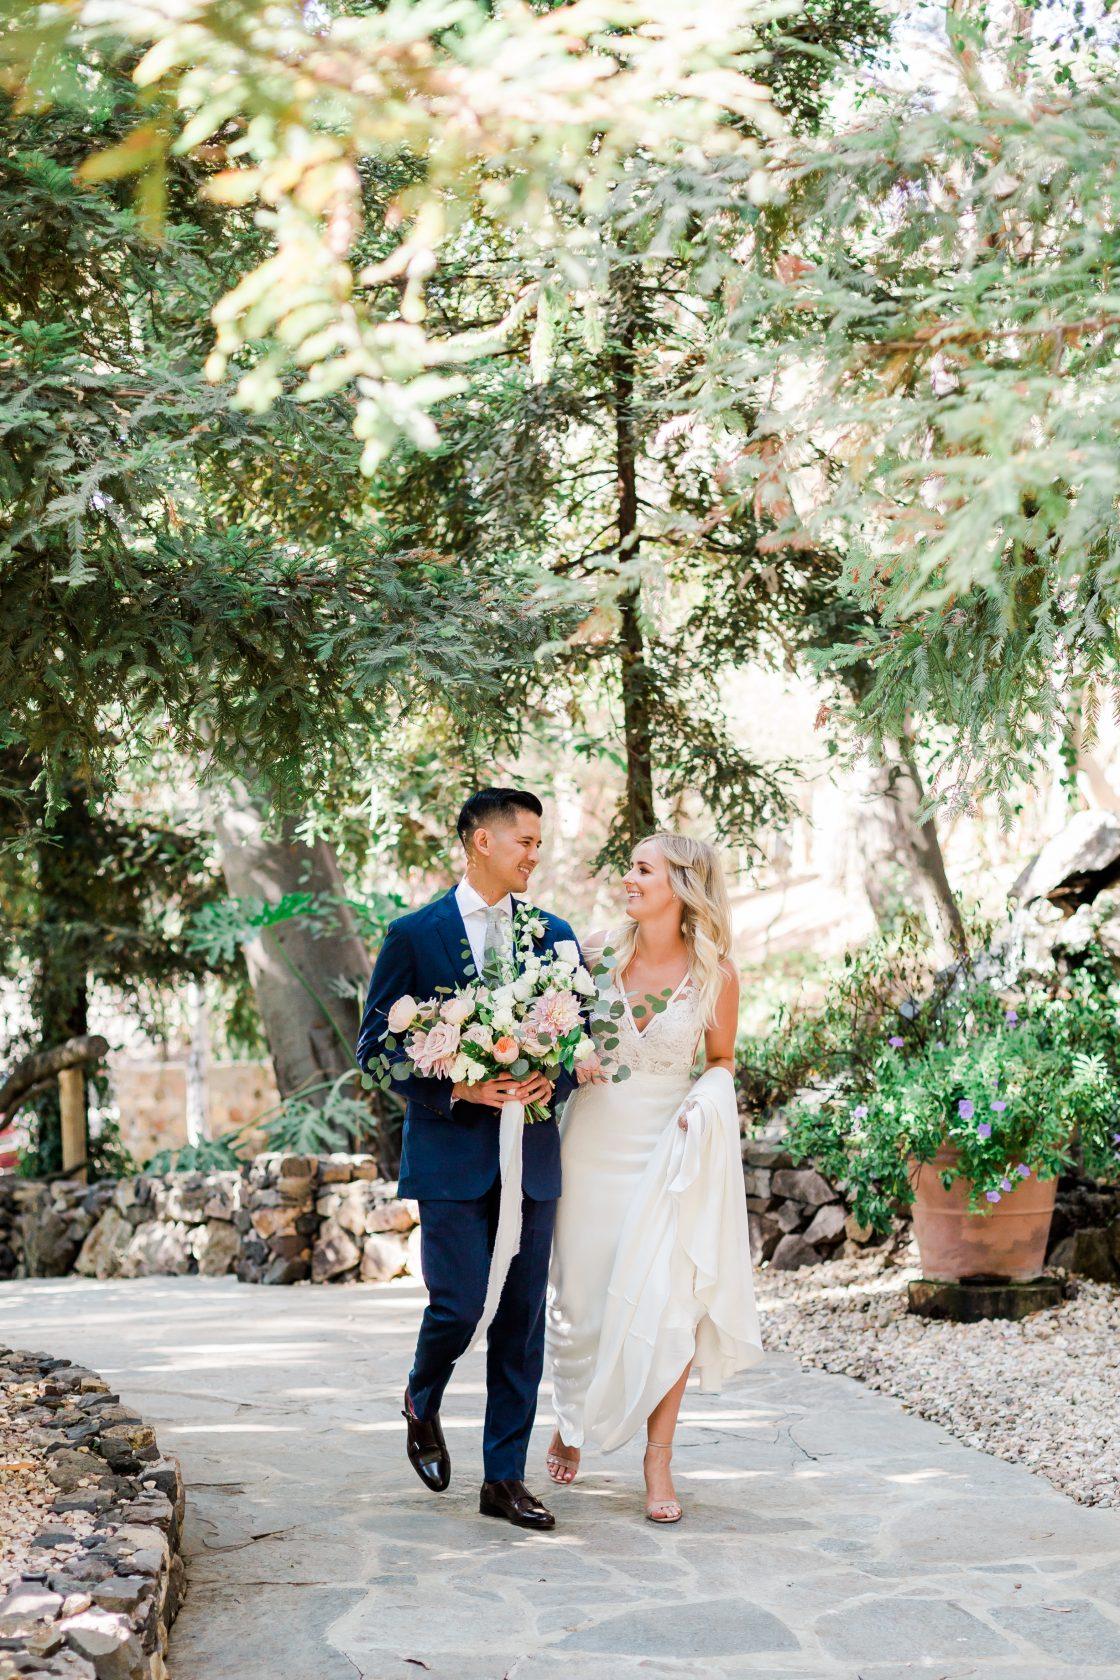 Rustic Elegant Wedding in California